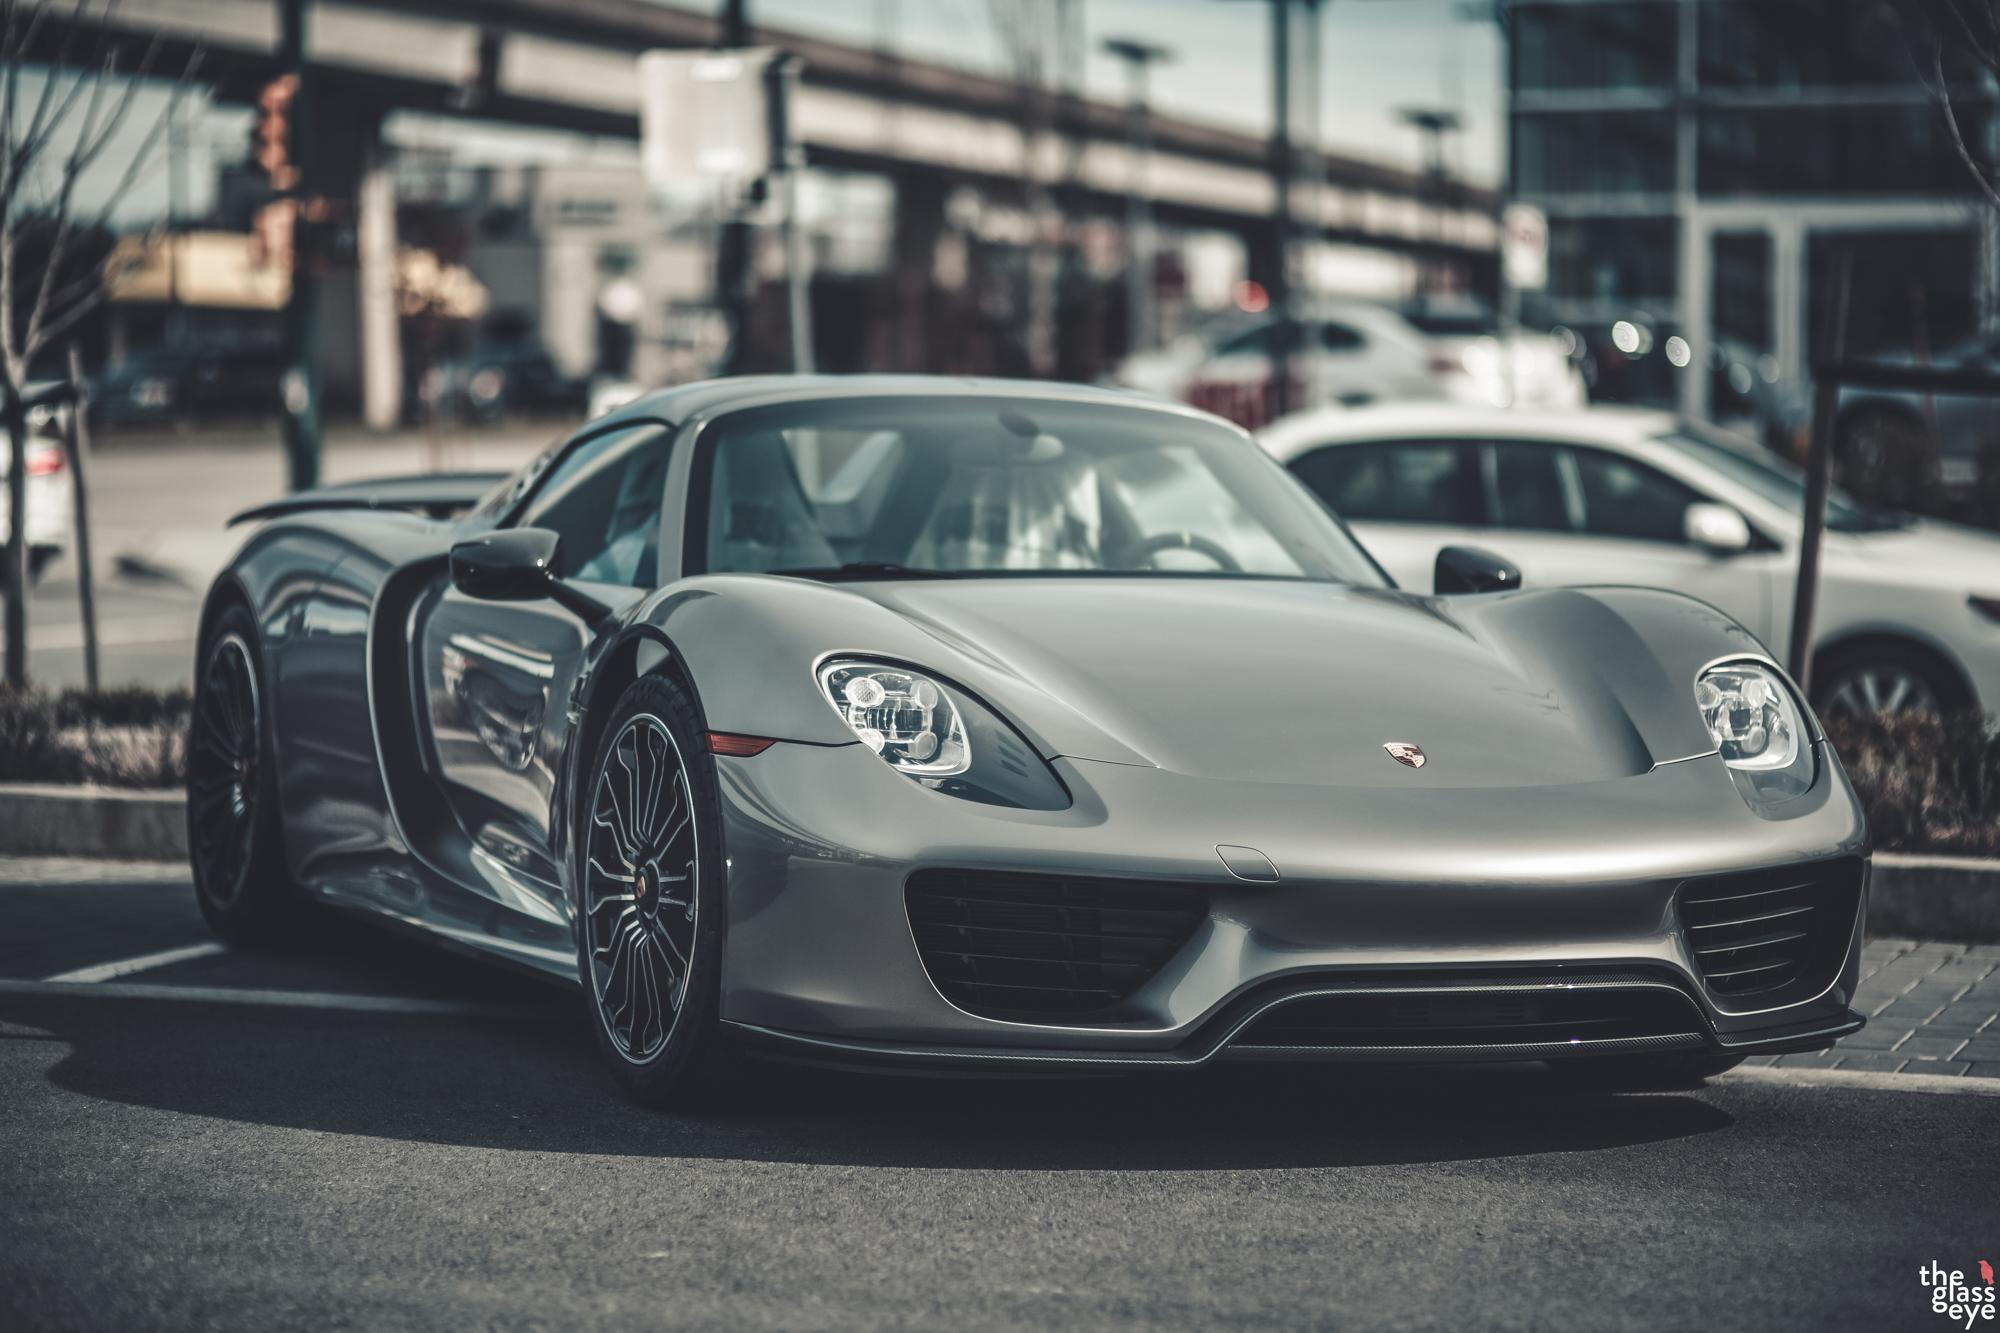 Porsche_Vancouver_918010.jpg